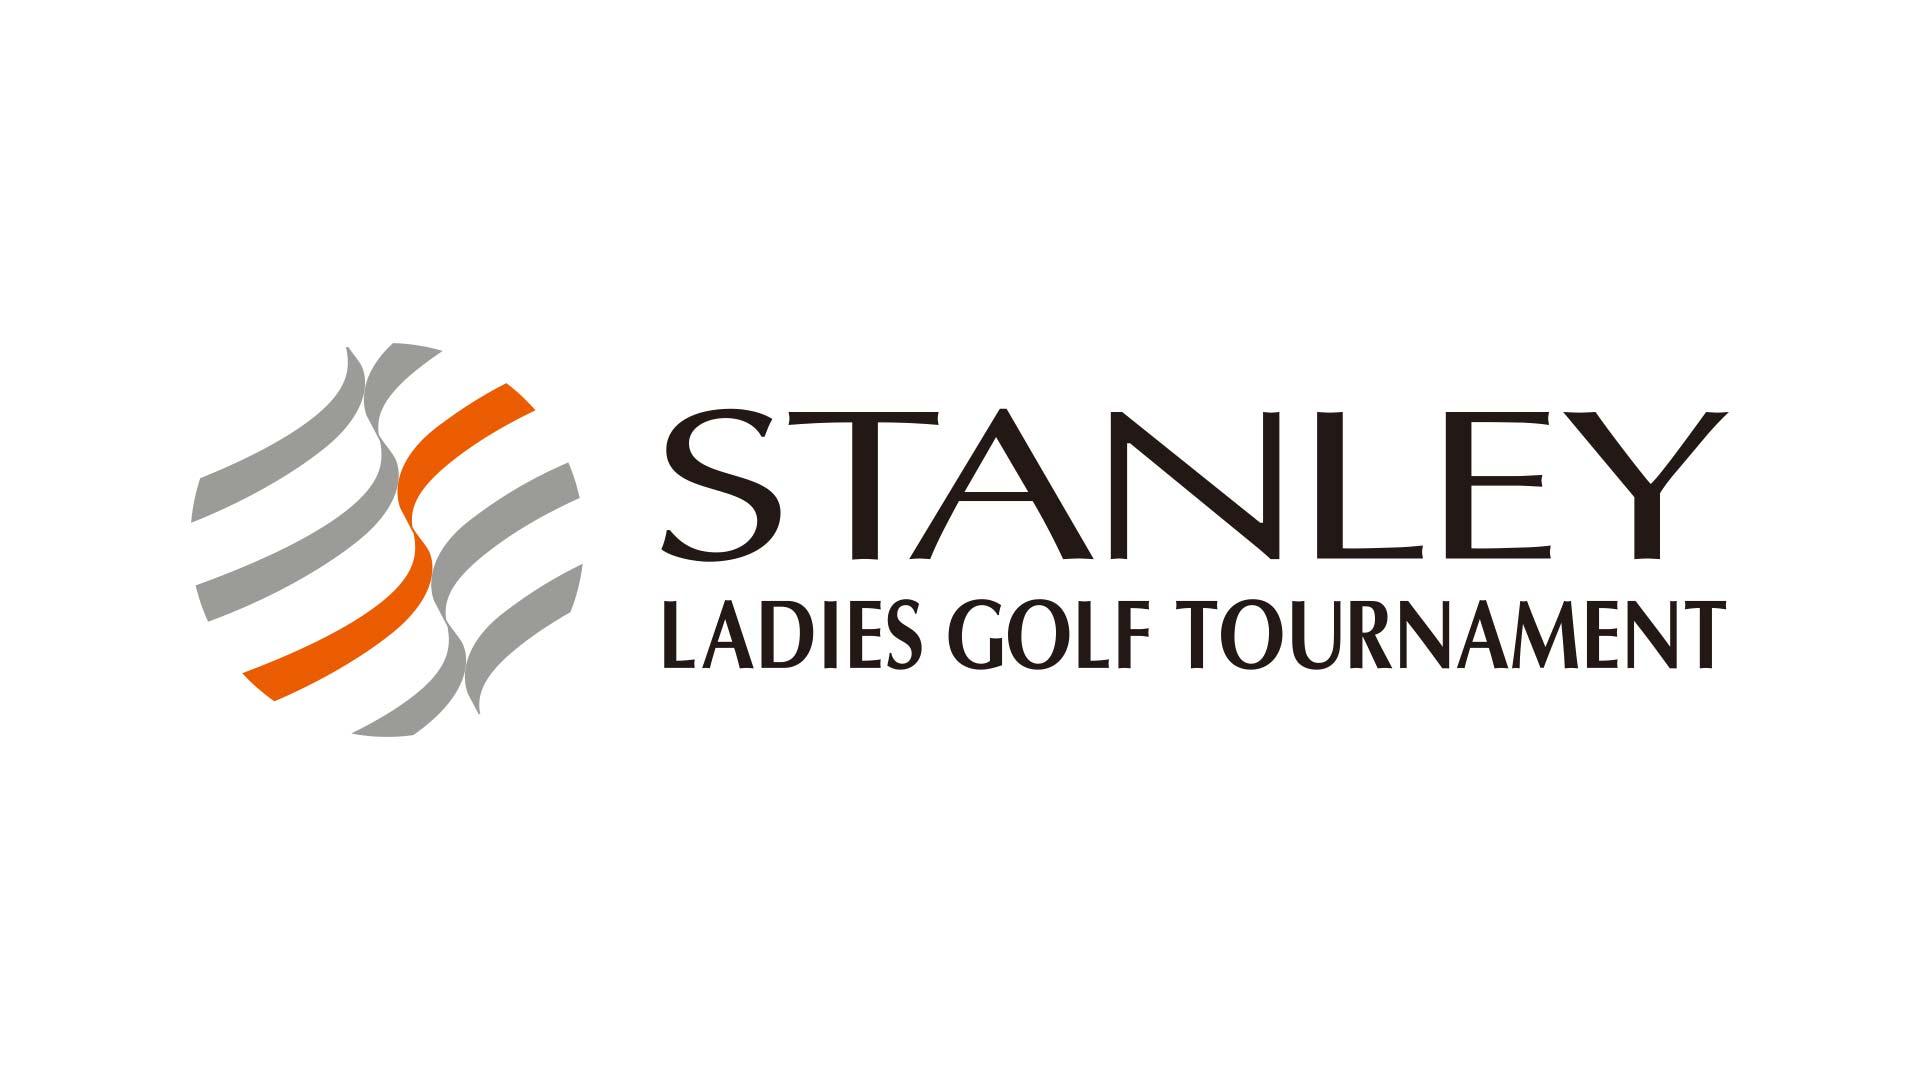 スタンレーレディスゴルフトーナメント